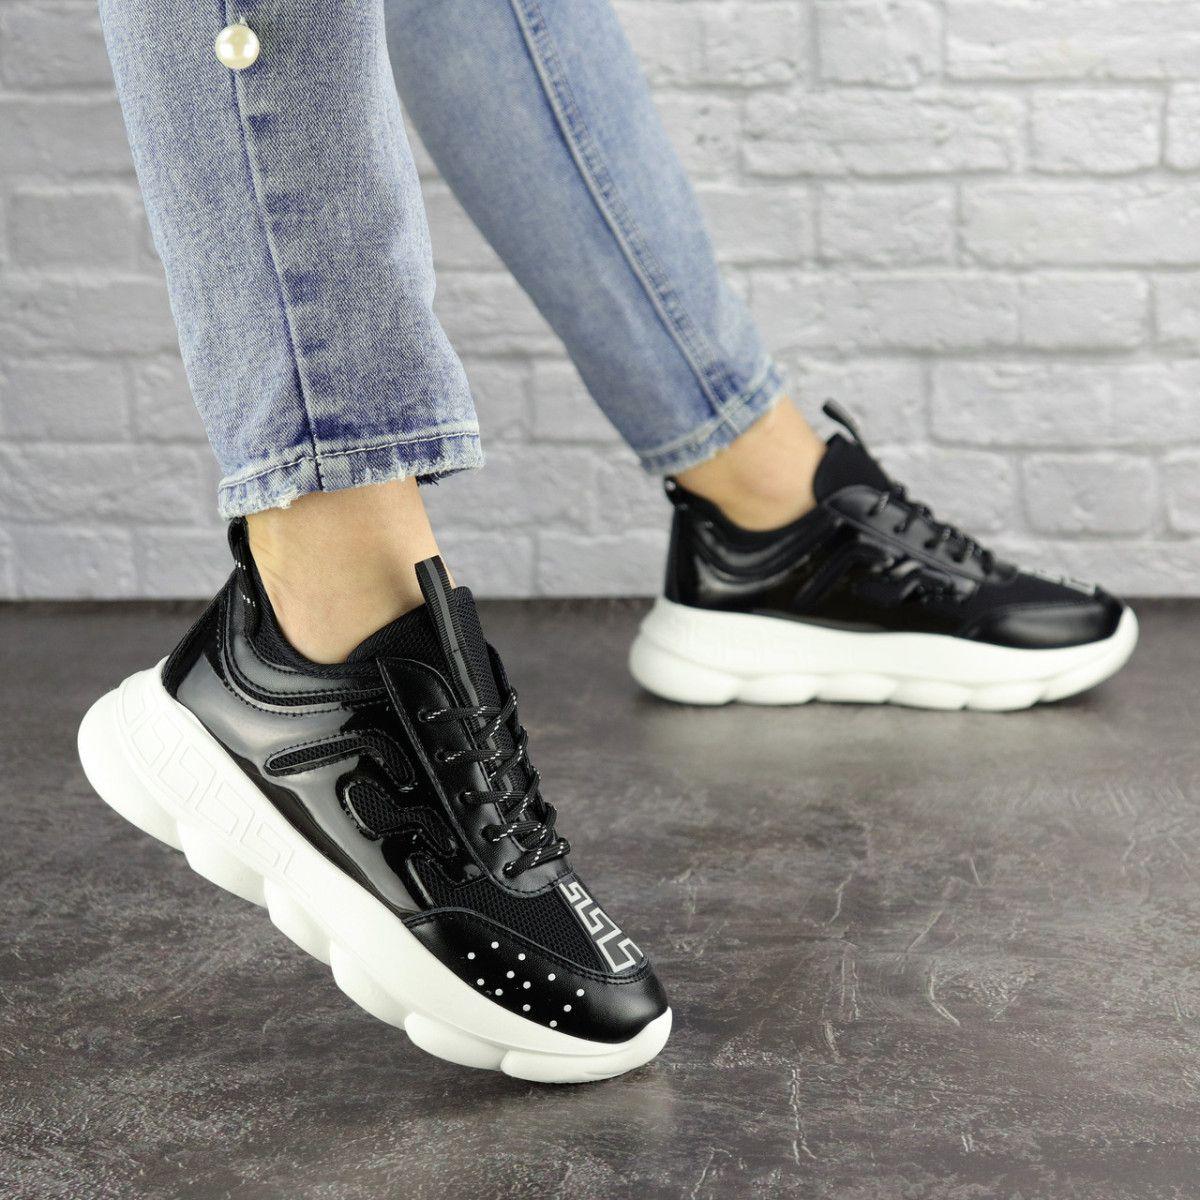 Жіночі кросівки Fashion Vince 1679 36 розмір 22 см Чорний